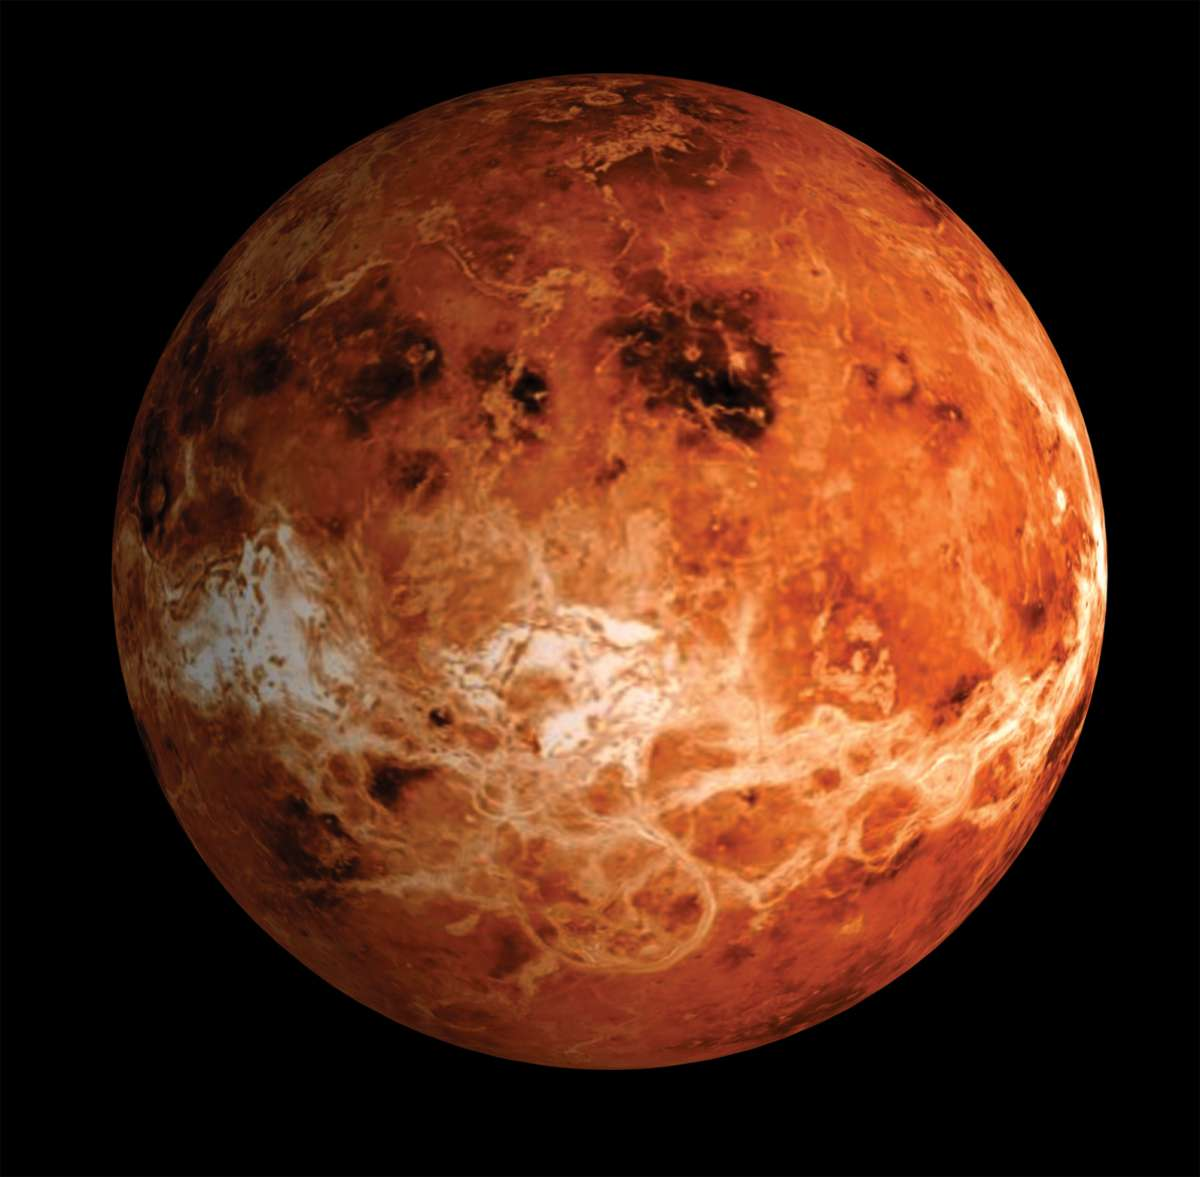 Viaggio nel sistema solare: Venere